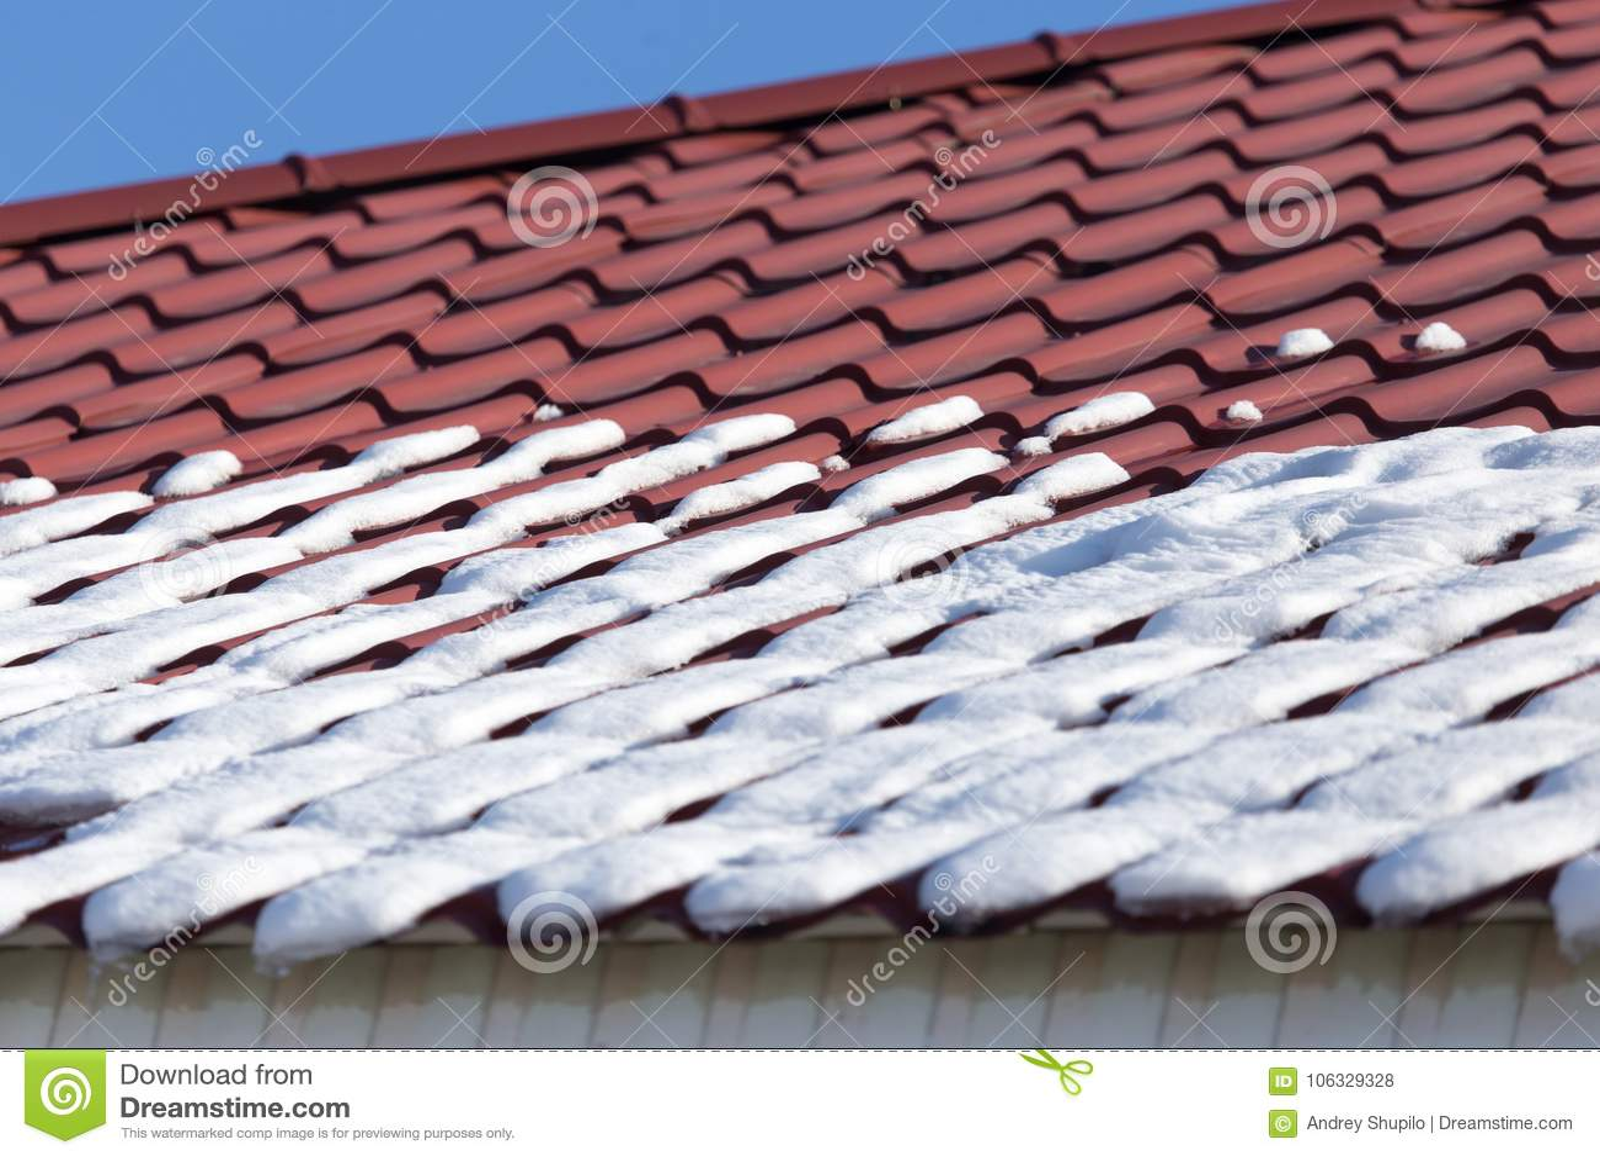 Schnee auf dem Dach